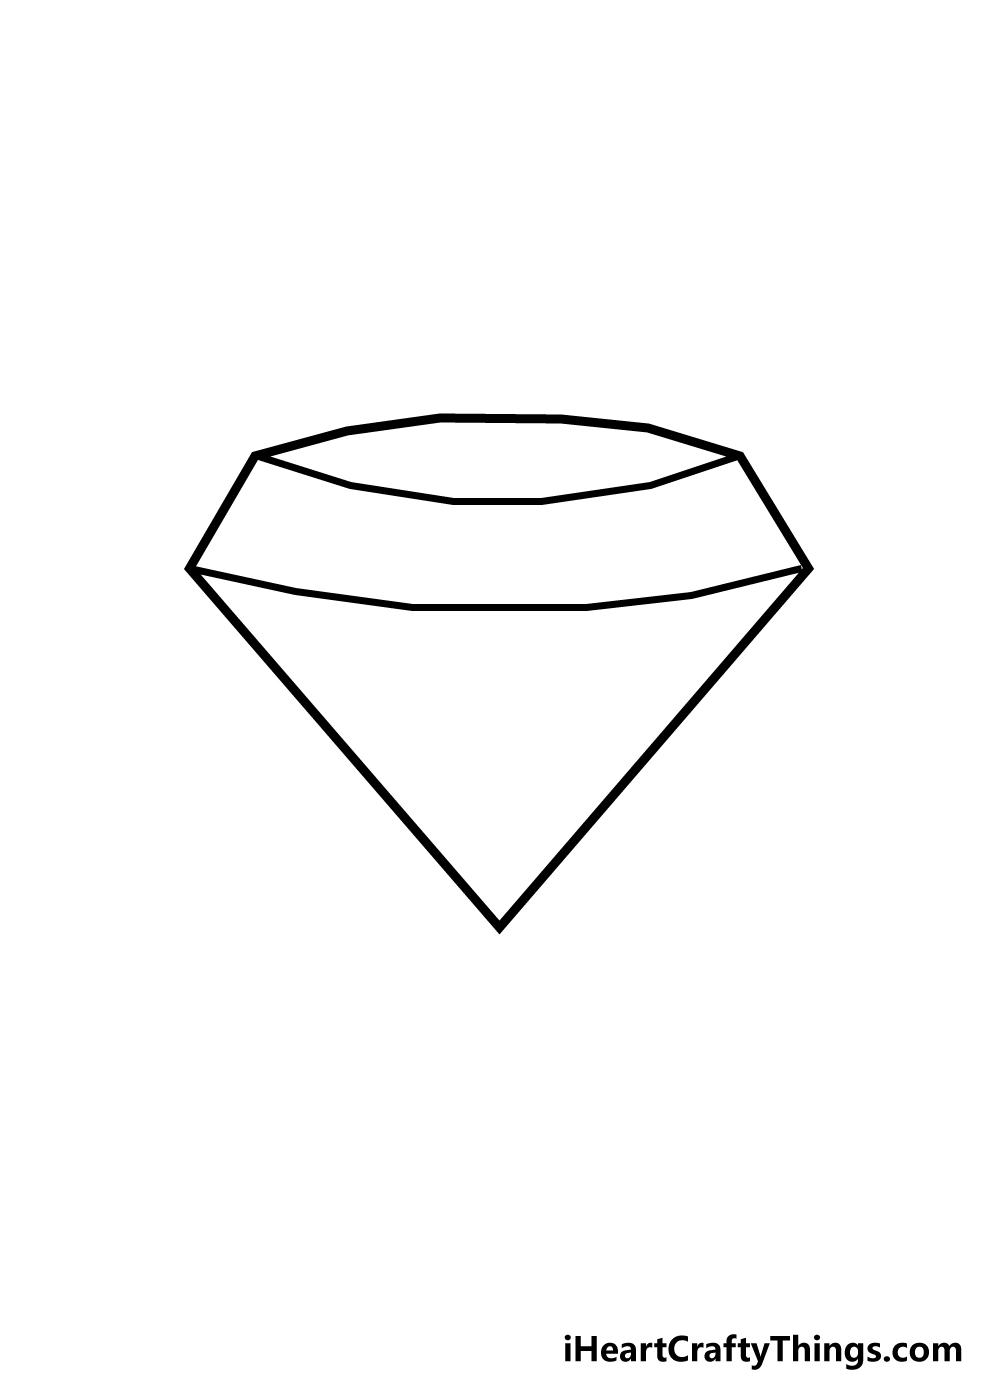 diamond drawing step 3